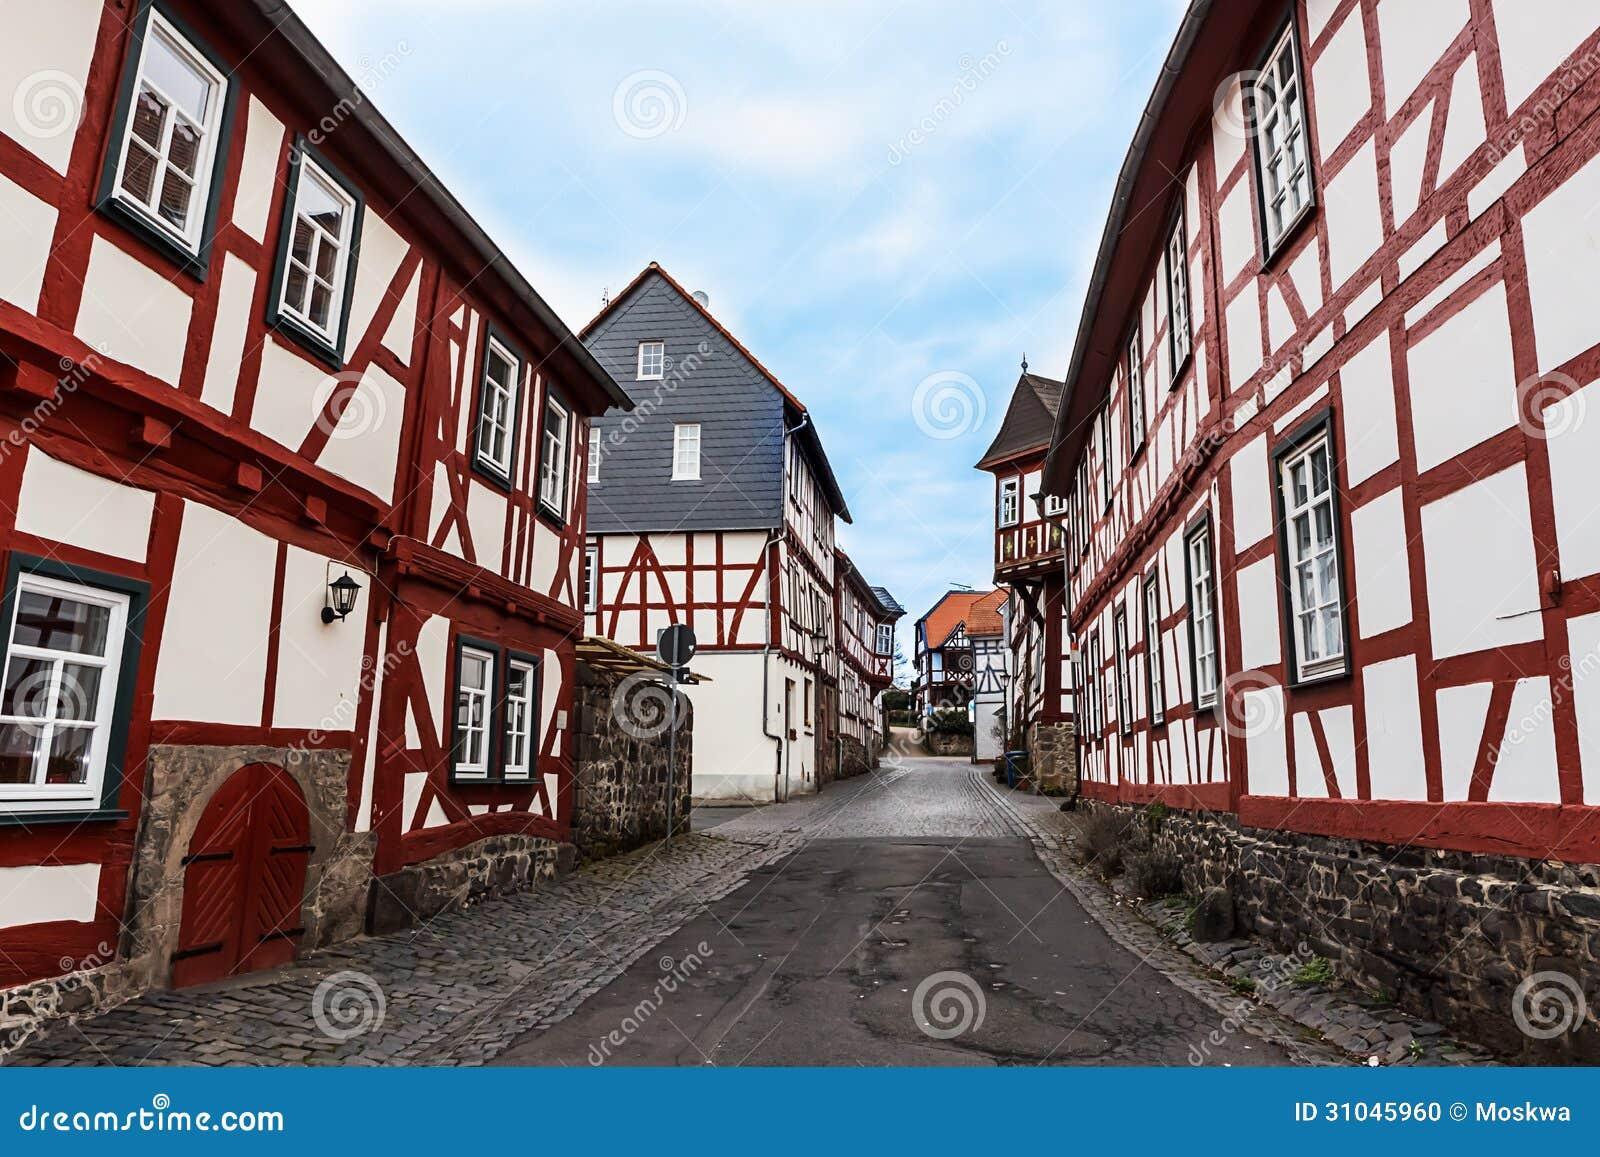 Rahmenhäuser In Der Historischen Stadt Lich, Deutschland Stockfoto ...